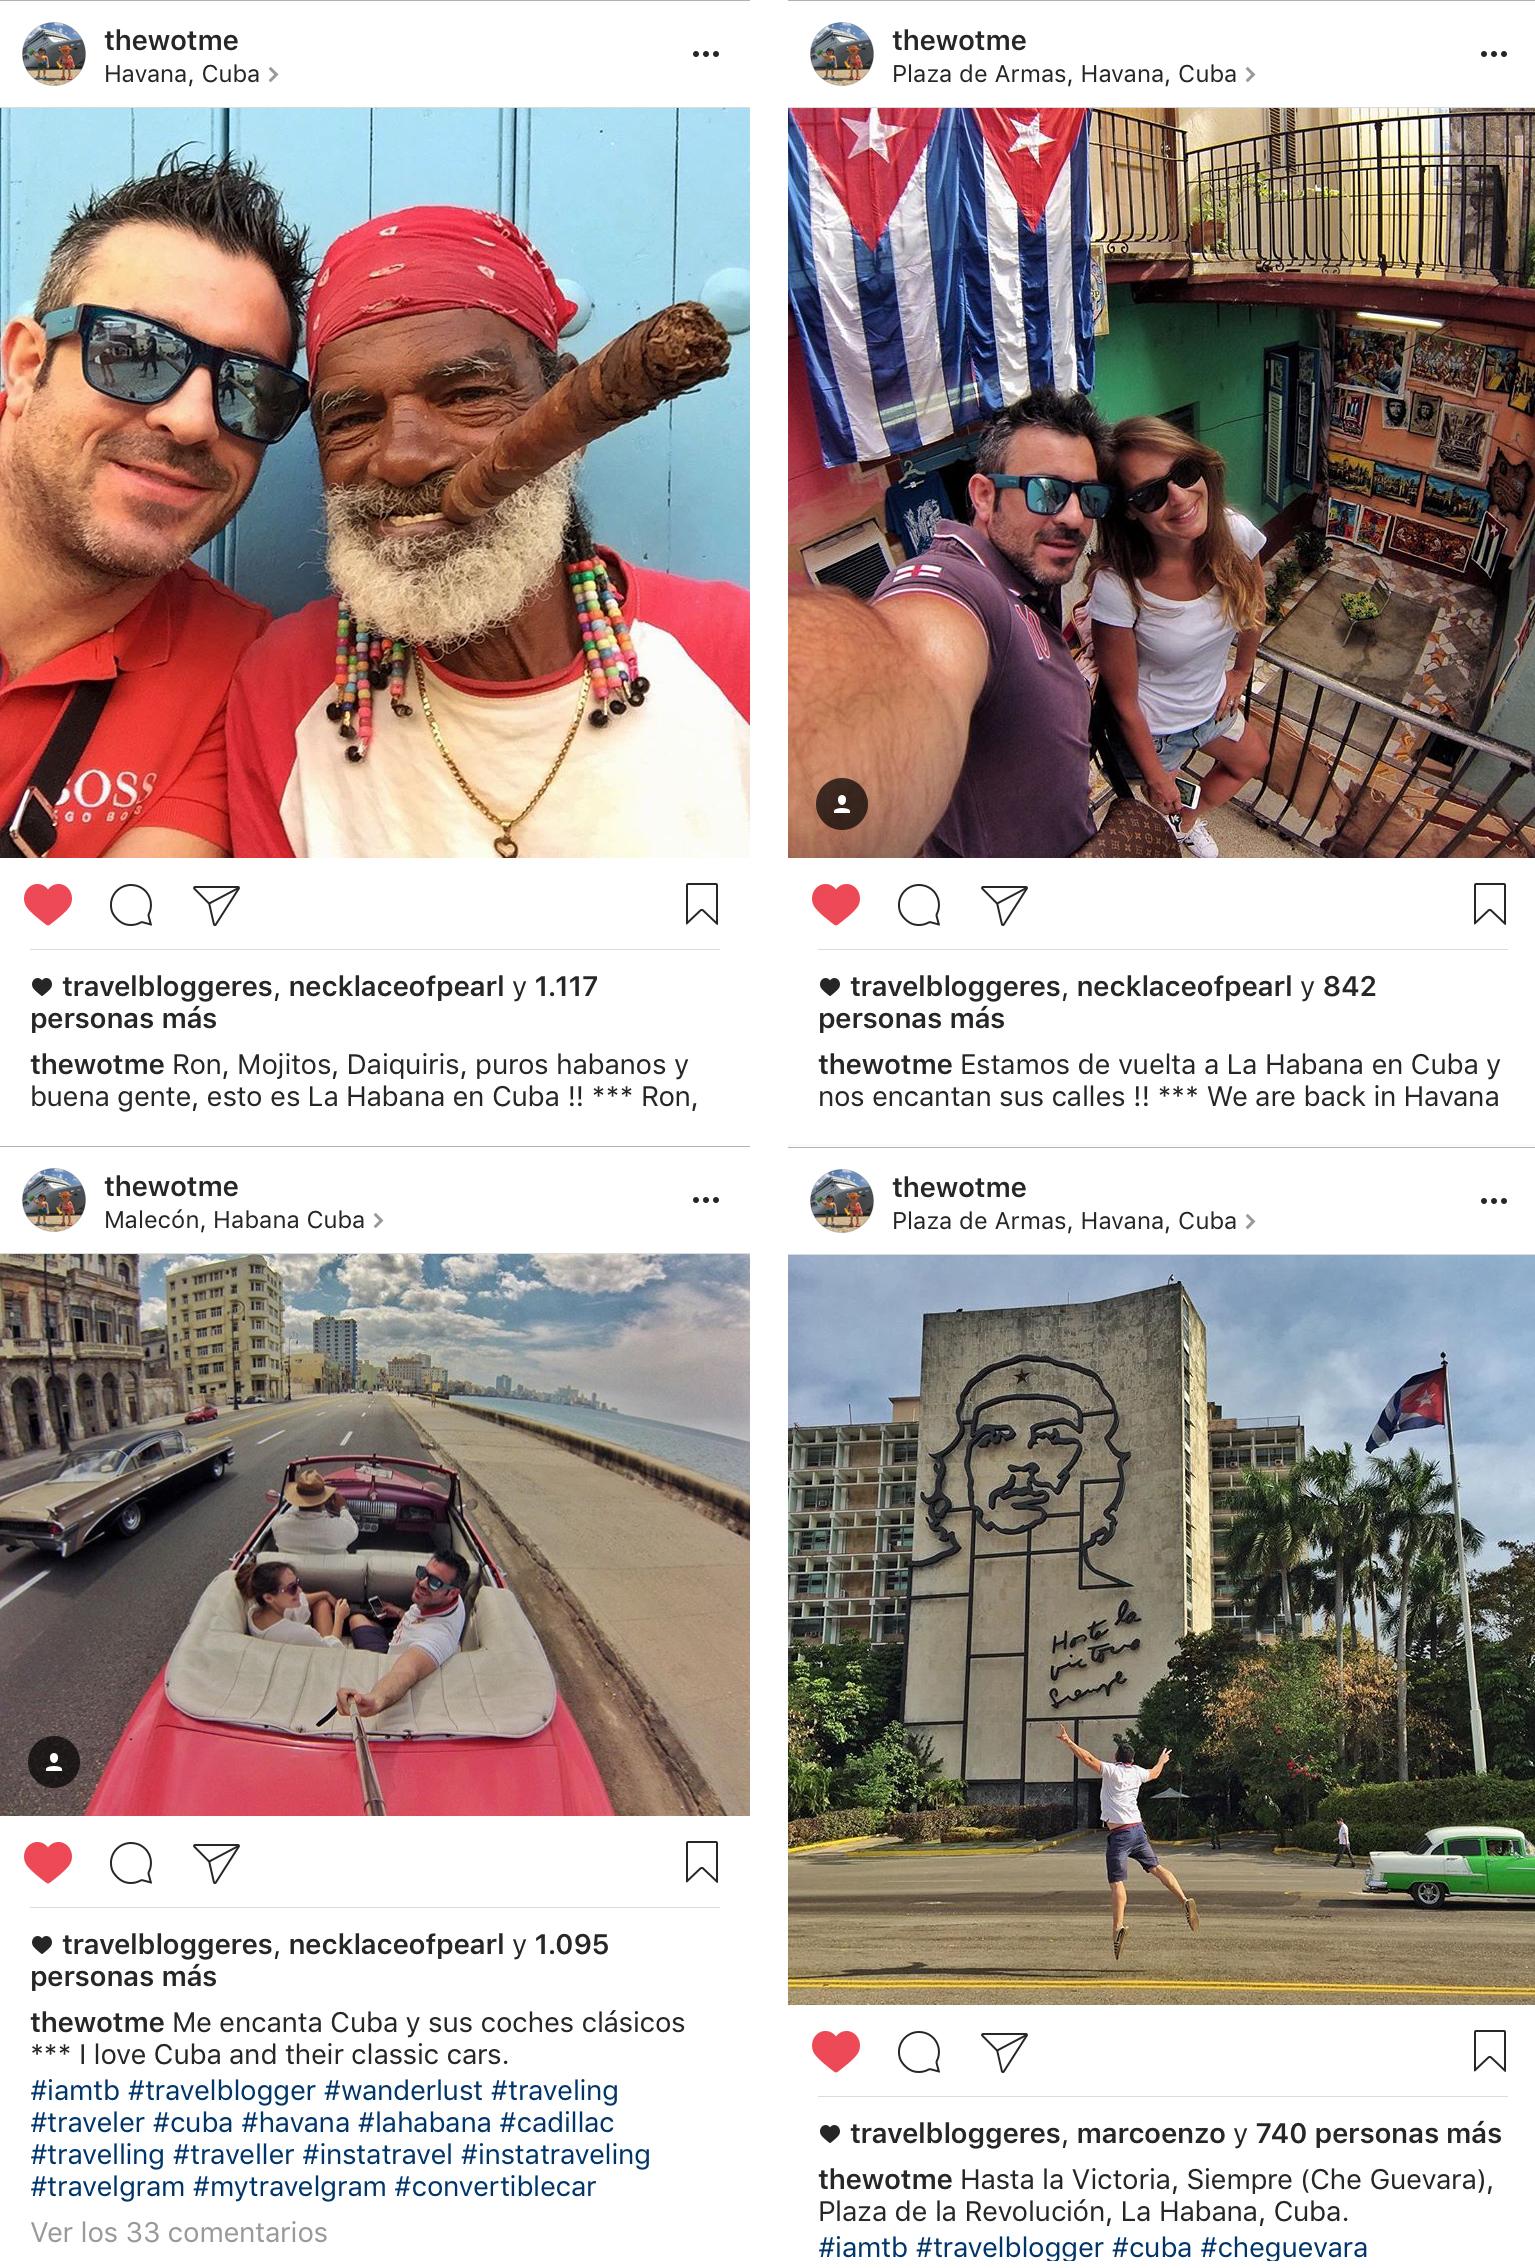 Viajes a Cuba memoria de viajes 2016: el año del mar - 31161487704 7268400604 o - Memoria de Viajes 2016: el año del Mar